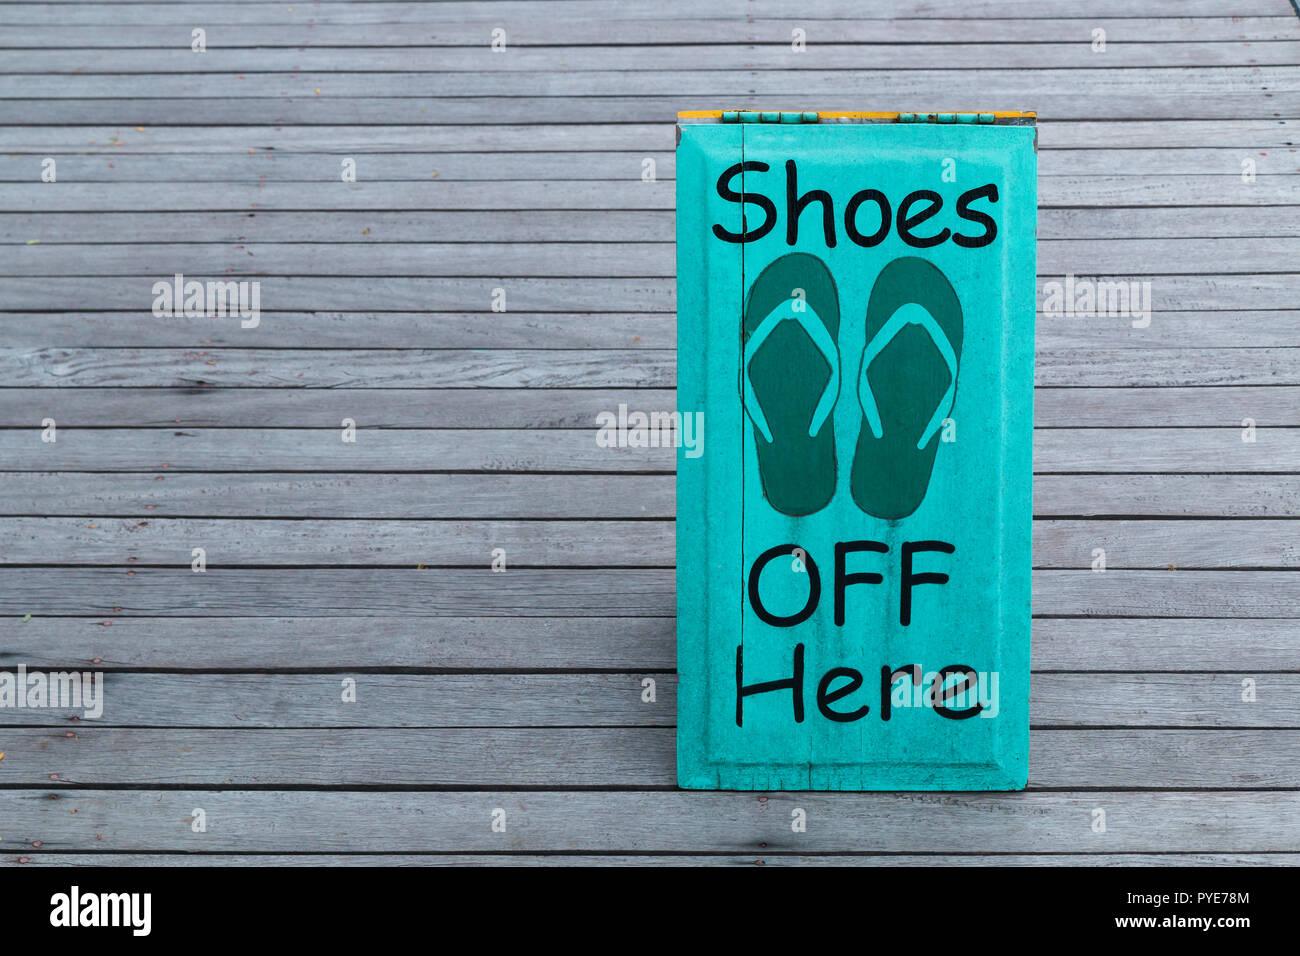 8e994ef9eb71f7 Keine Schuhe Zeichen auf dem Holzboden in grüner Farbe Stockbild